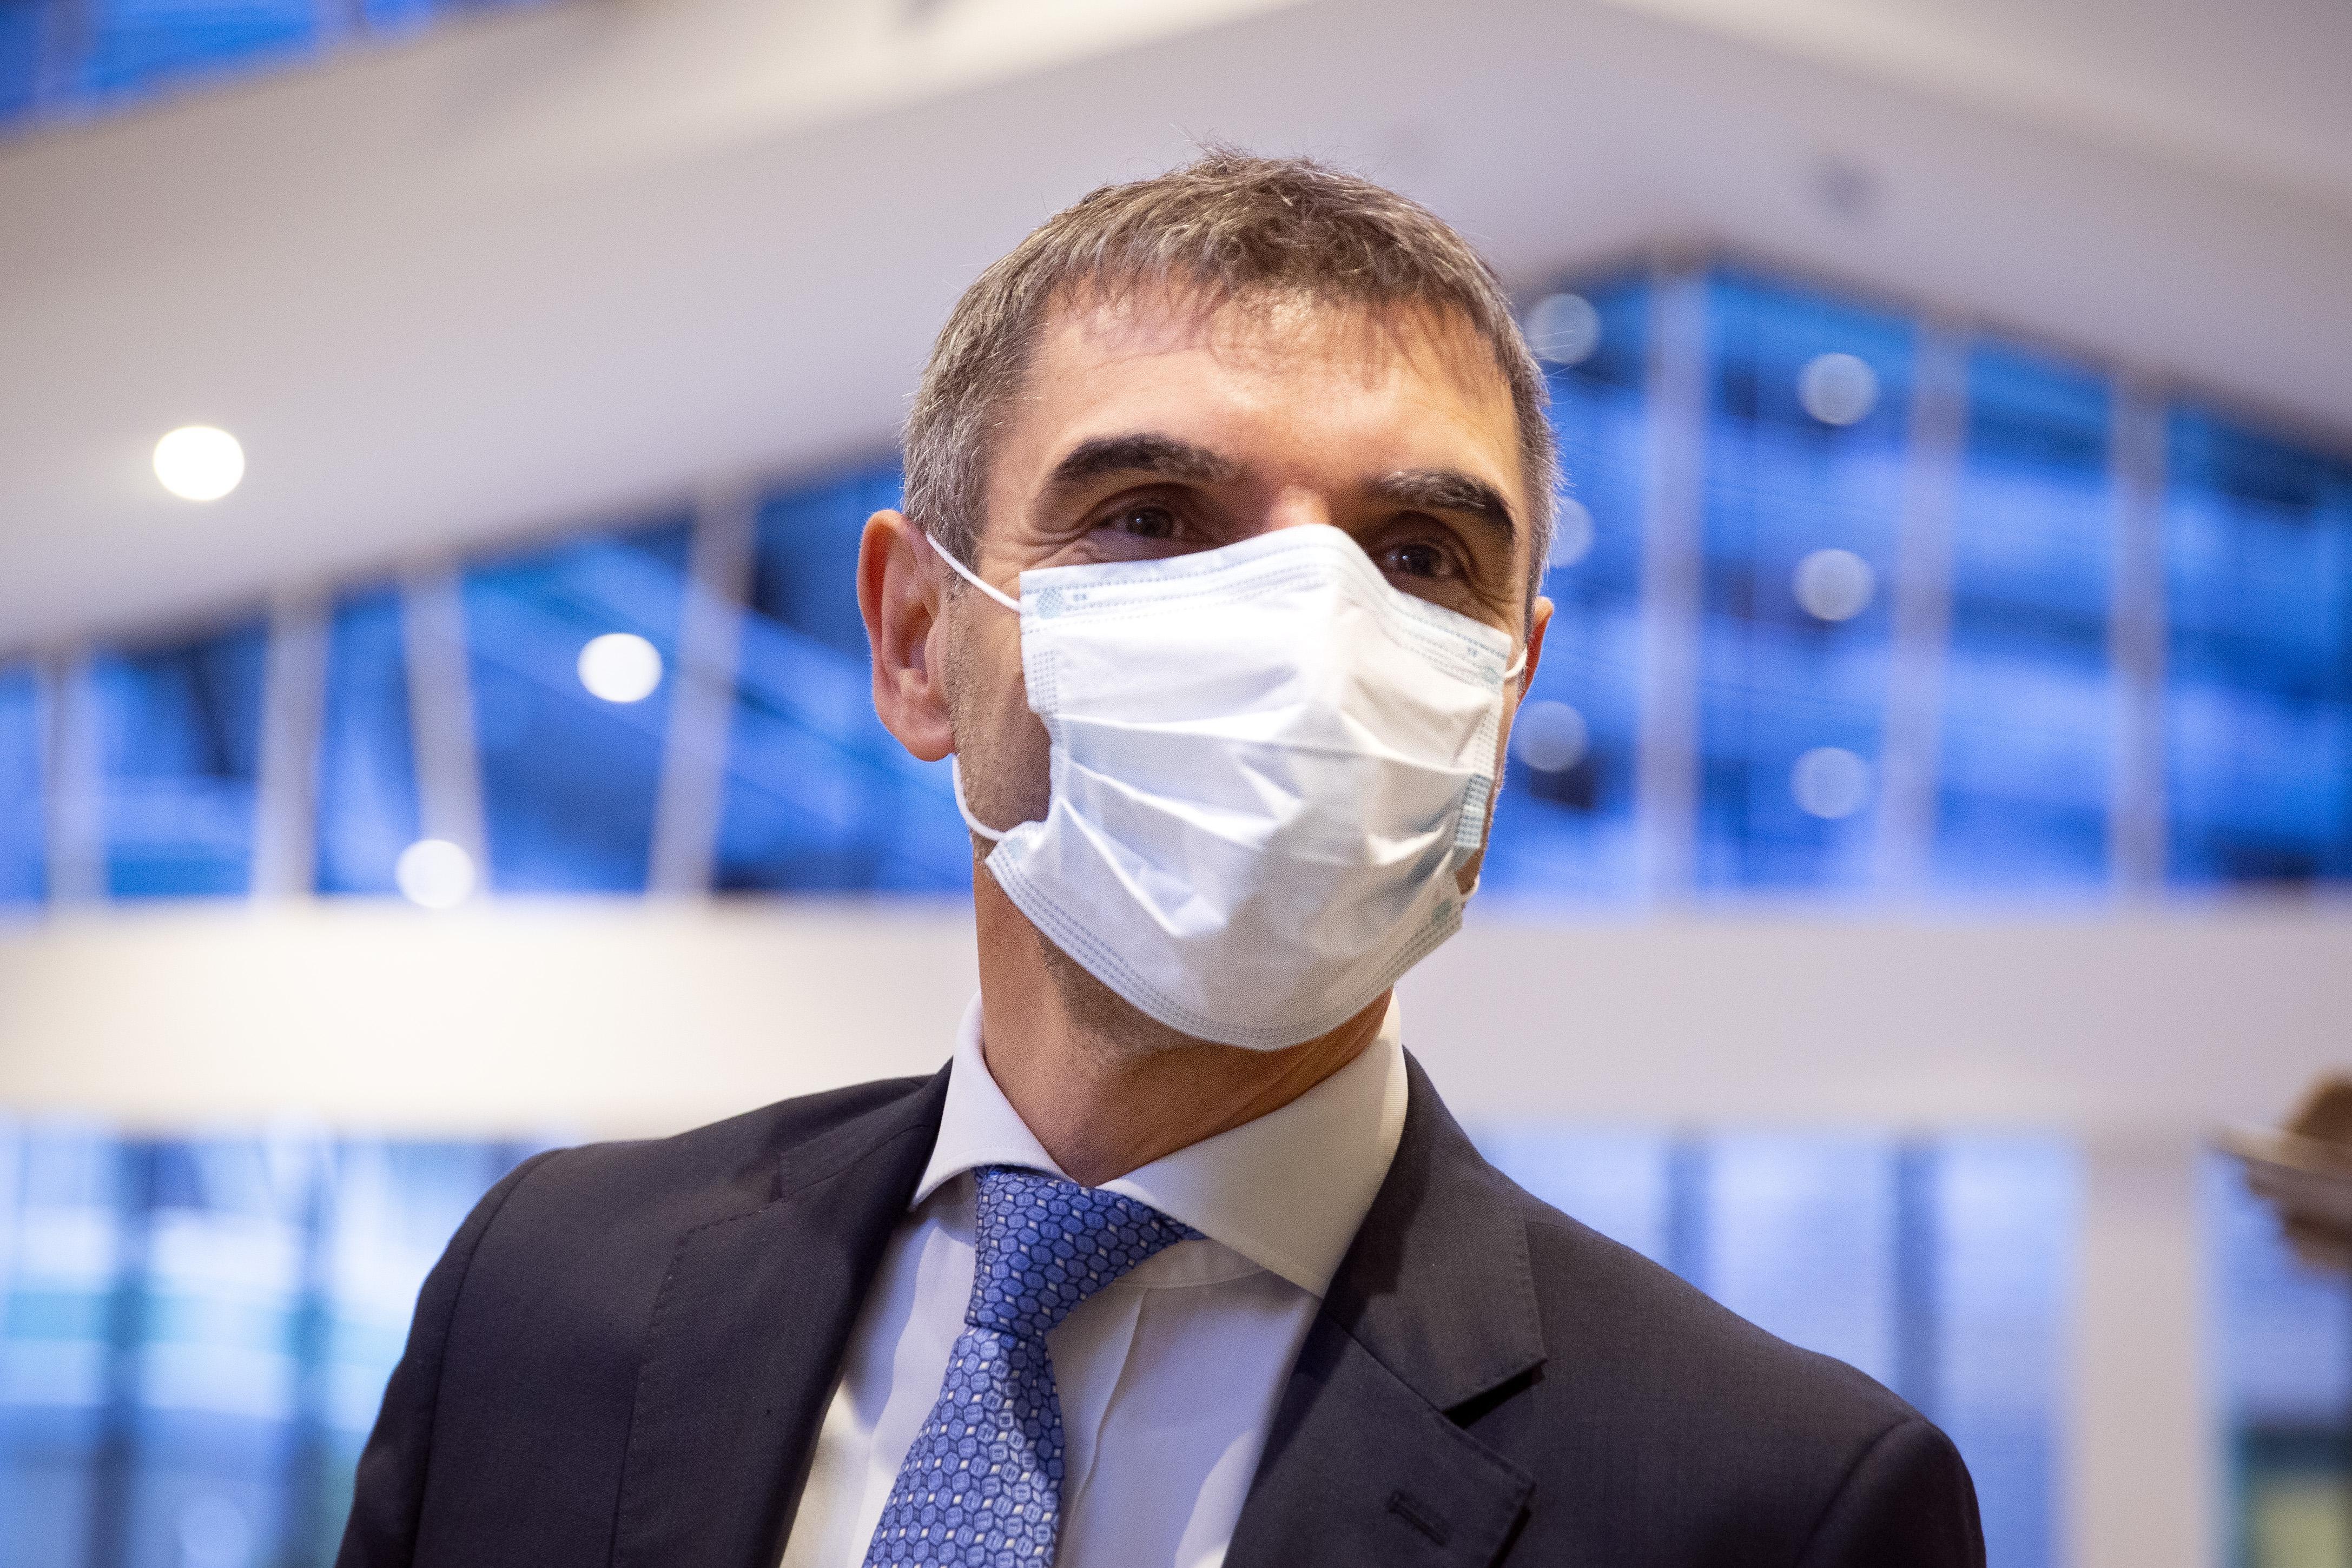 Oproep staatssecretaris: 'Zestigplus en gezond? Haal dan geen griepprik'